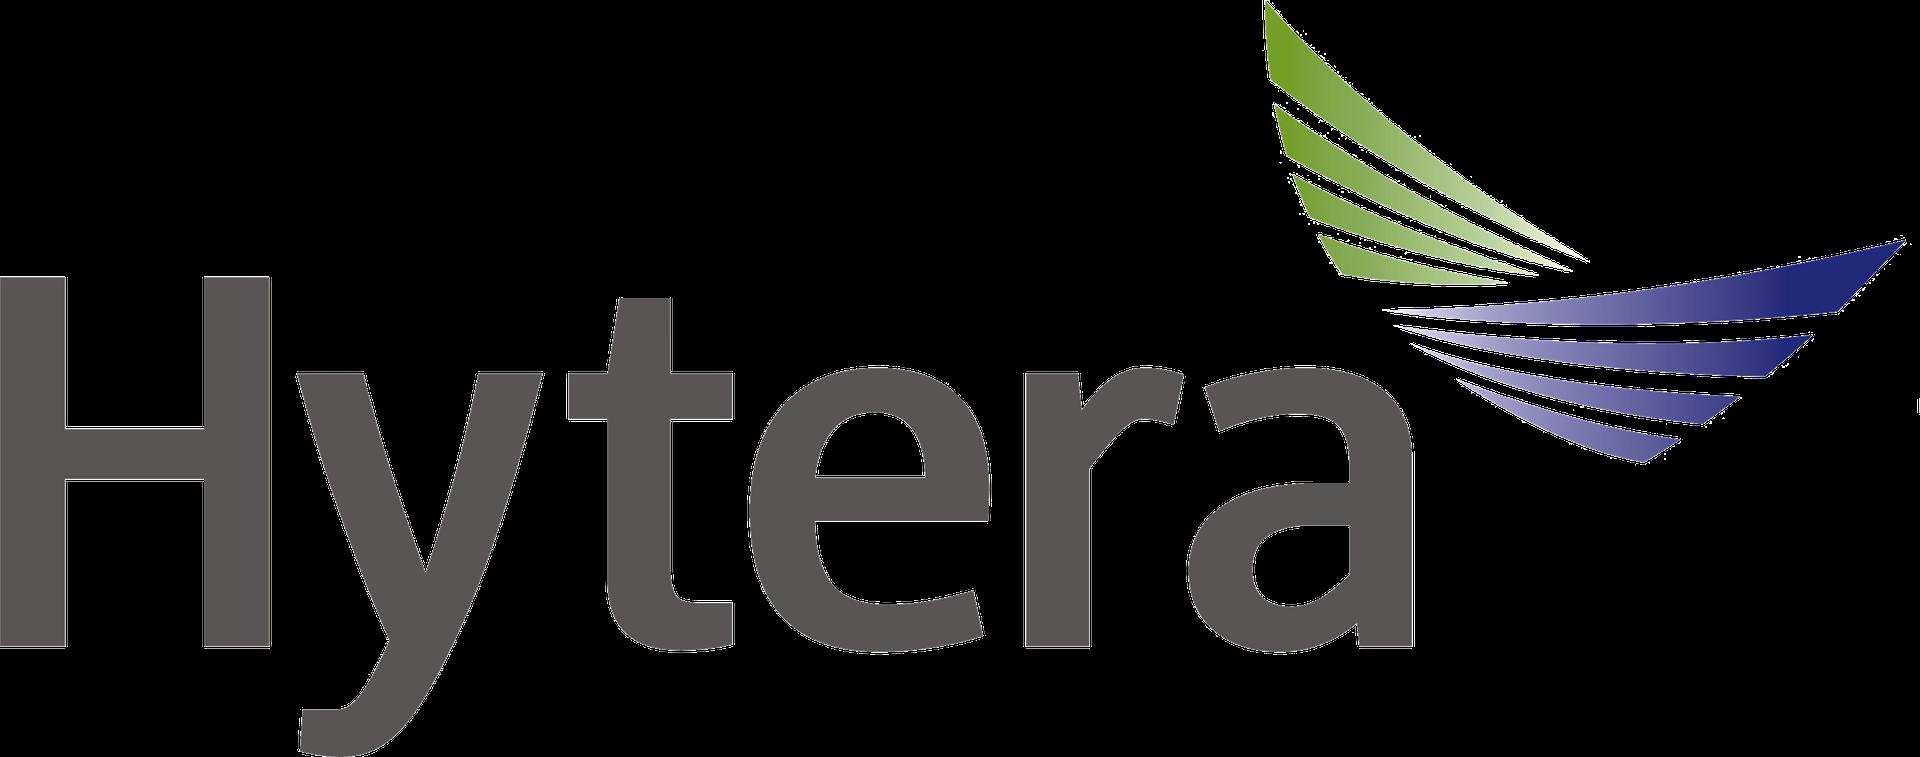 hytera_logo.png